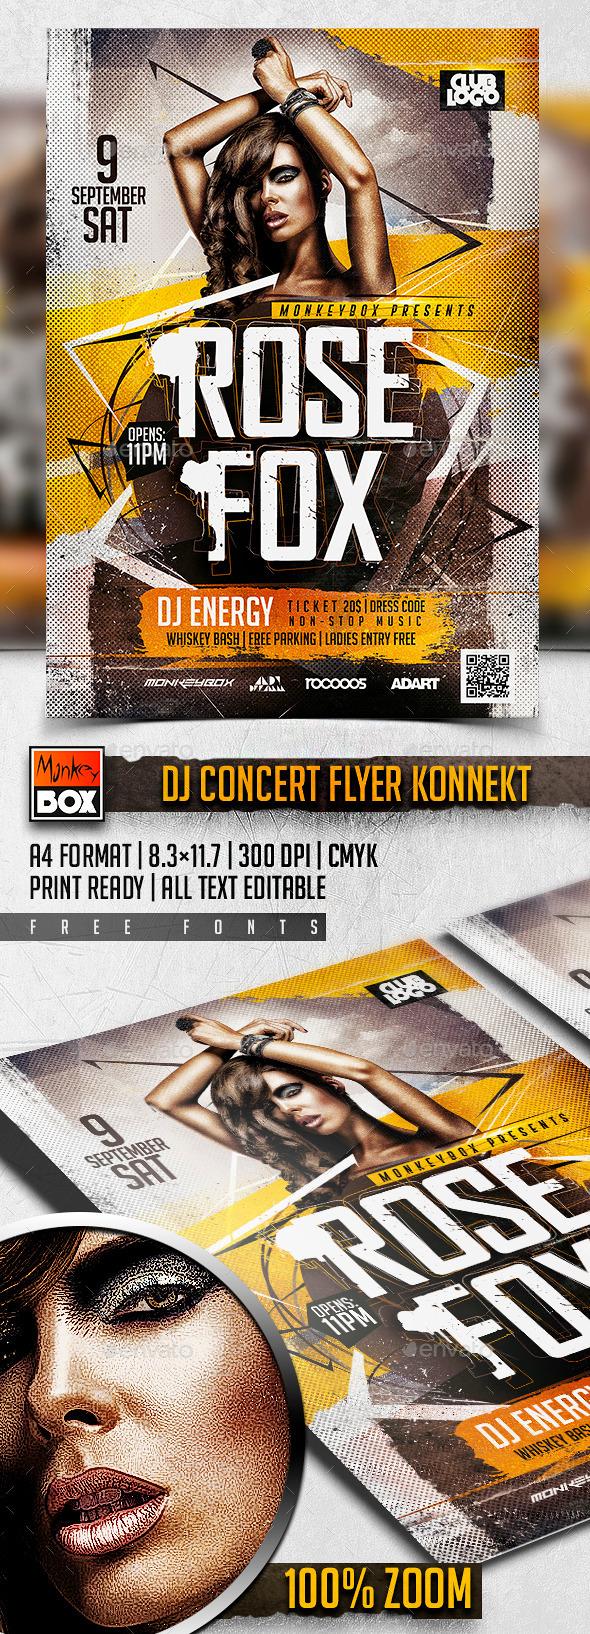 DJ Concert Flyer Konnekt